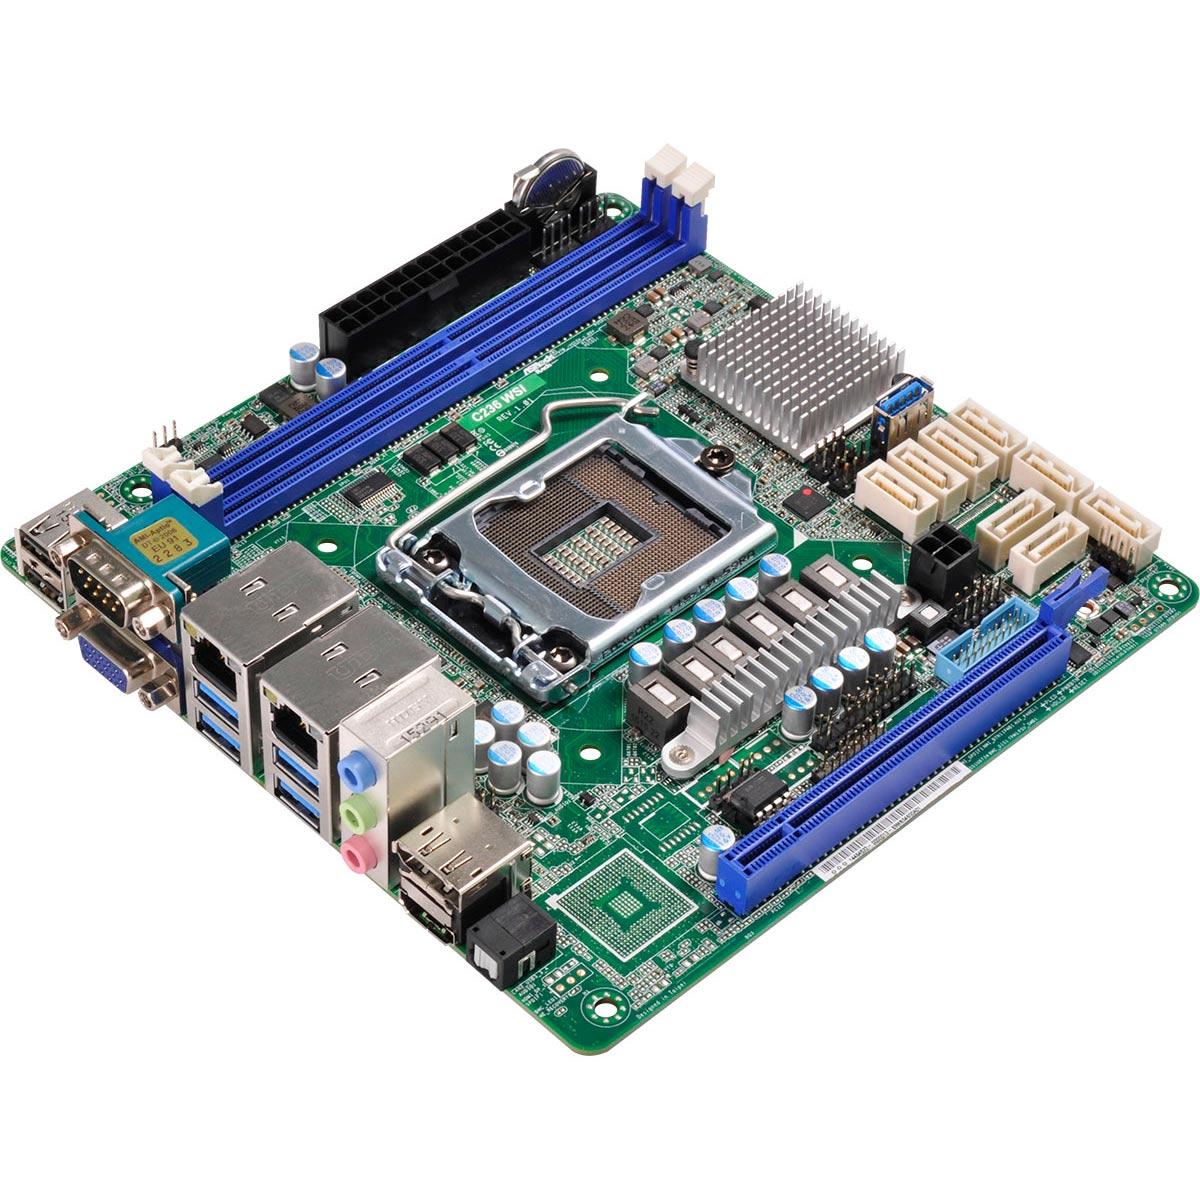 Carte mère ASRock C236 WSI Carte mère Mini ITX Socket 1151 Intel C236 - SATA 6Gb/s - 1x PCI Express 3.0 16x - 2x Gigabit LAN